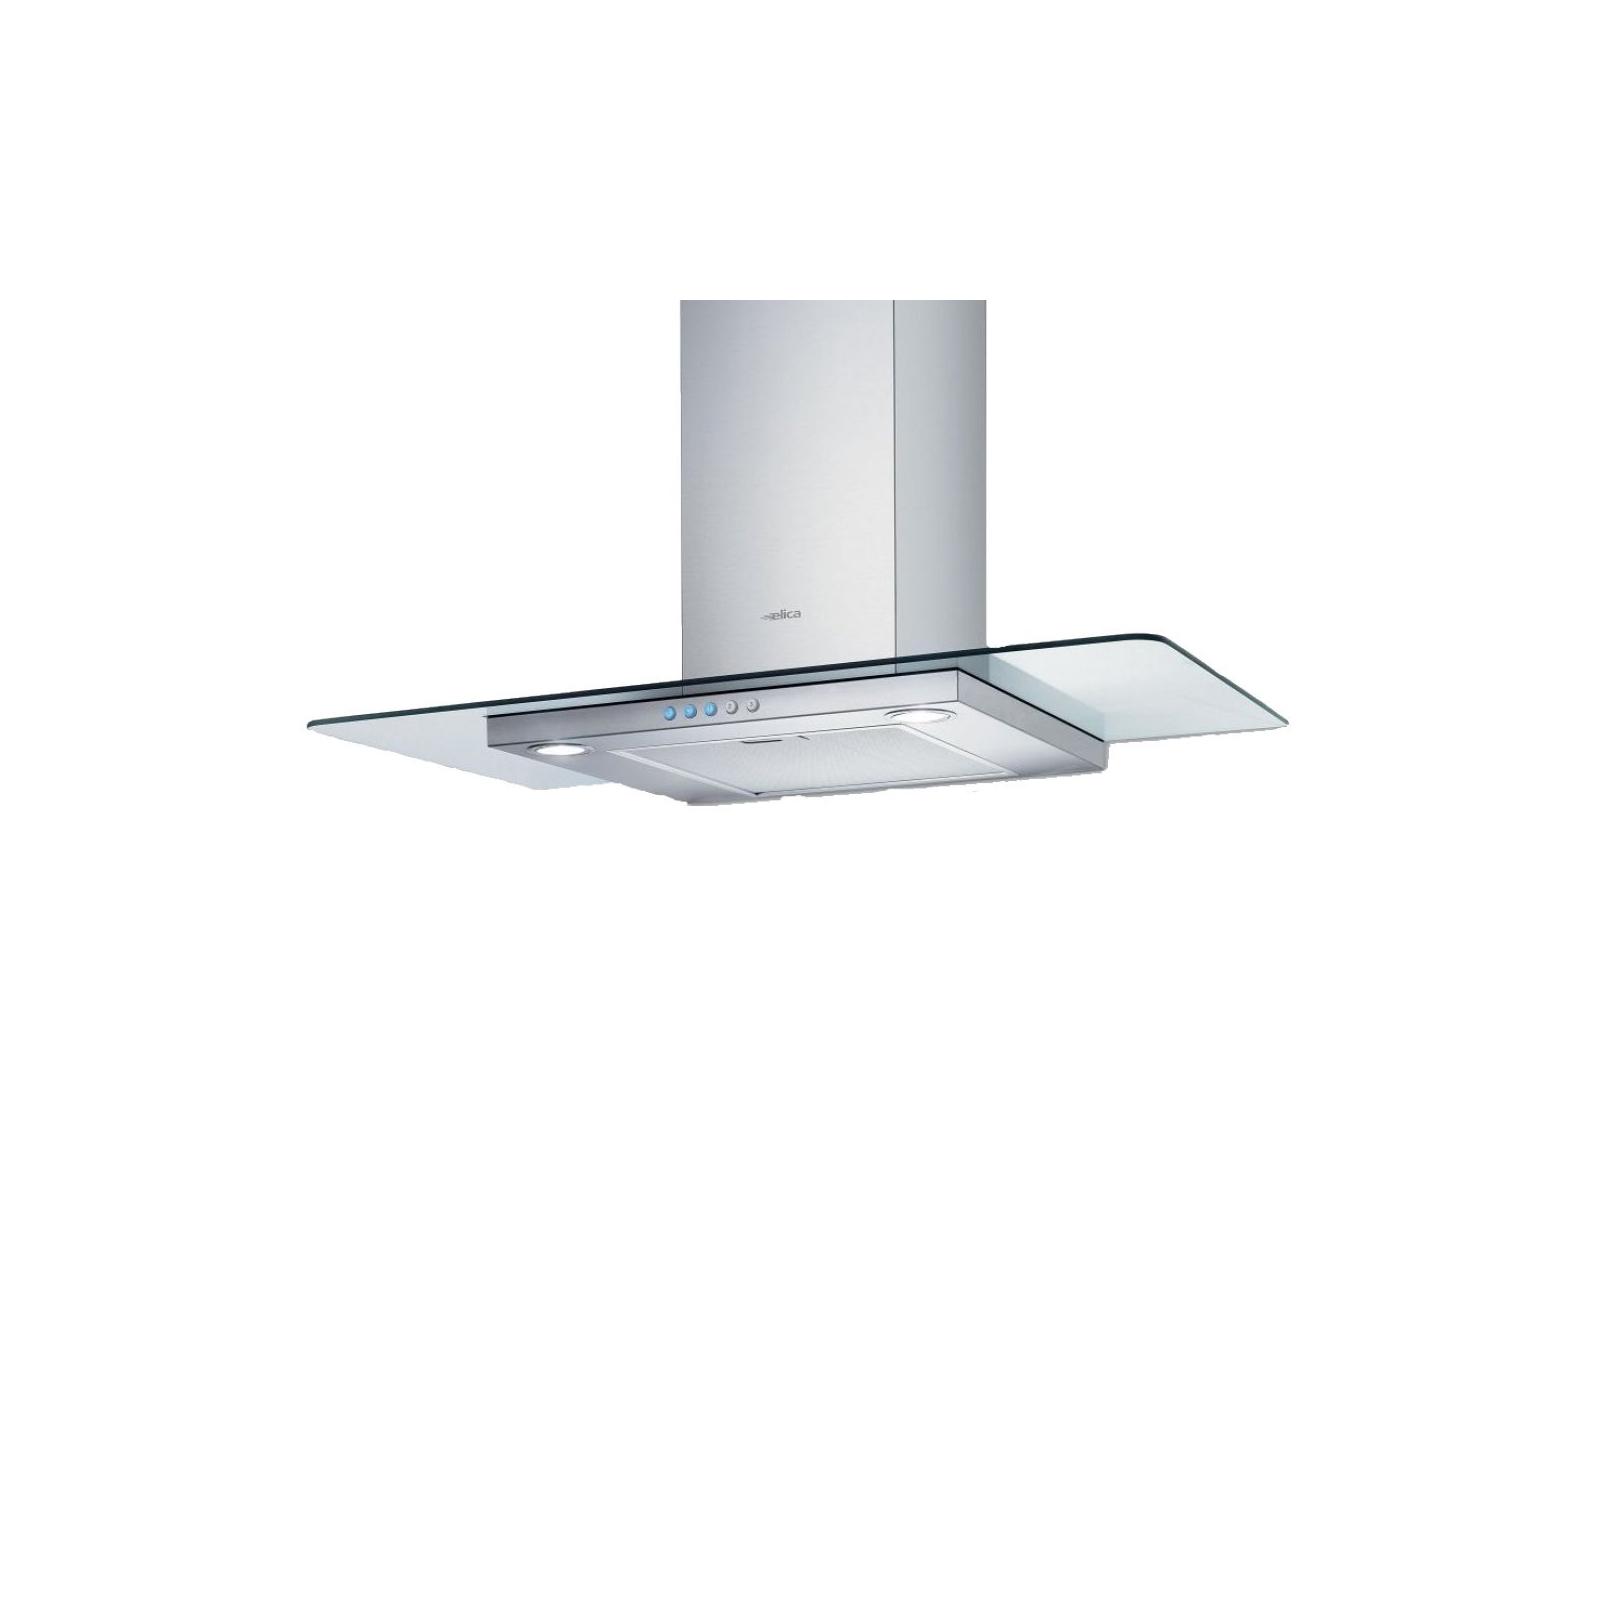 Вытяжка кухонная Elica FLAT GLASS IX A/60